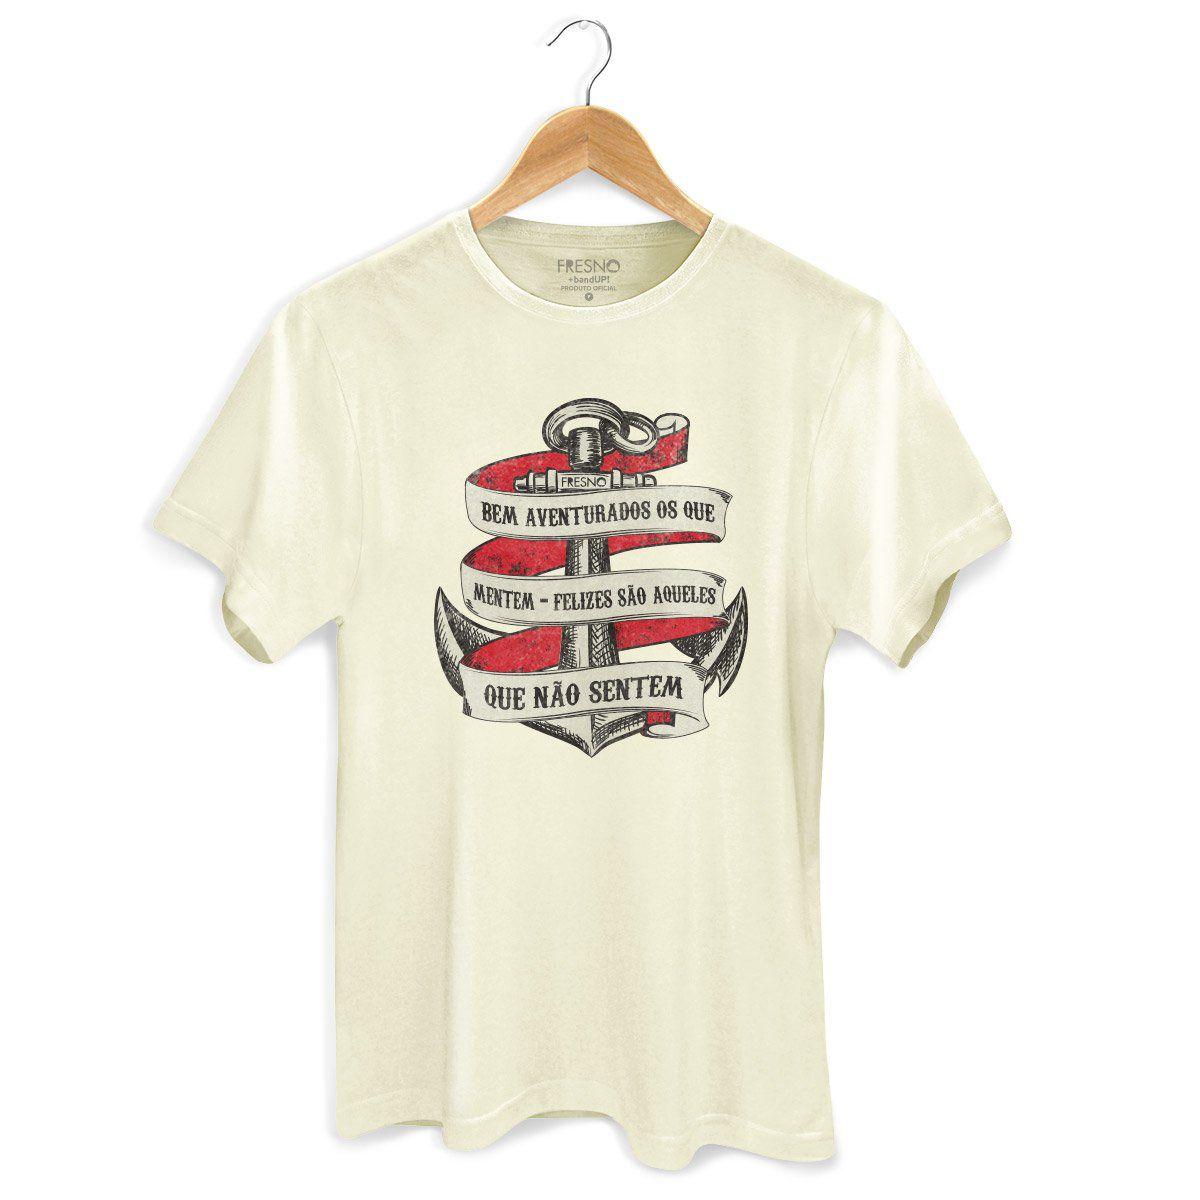 Camiseta Masculina Fresno Bem Aventurados os Que Mentem